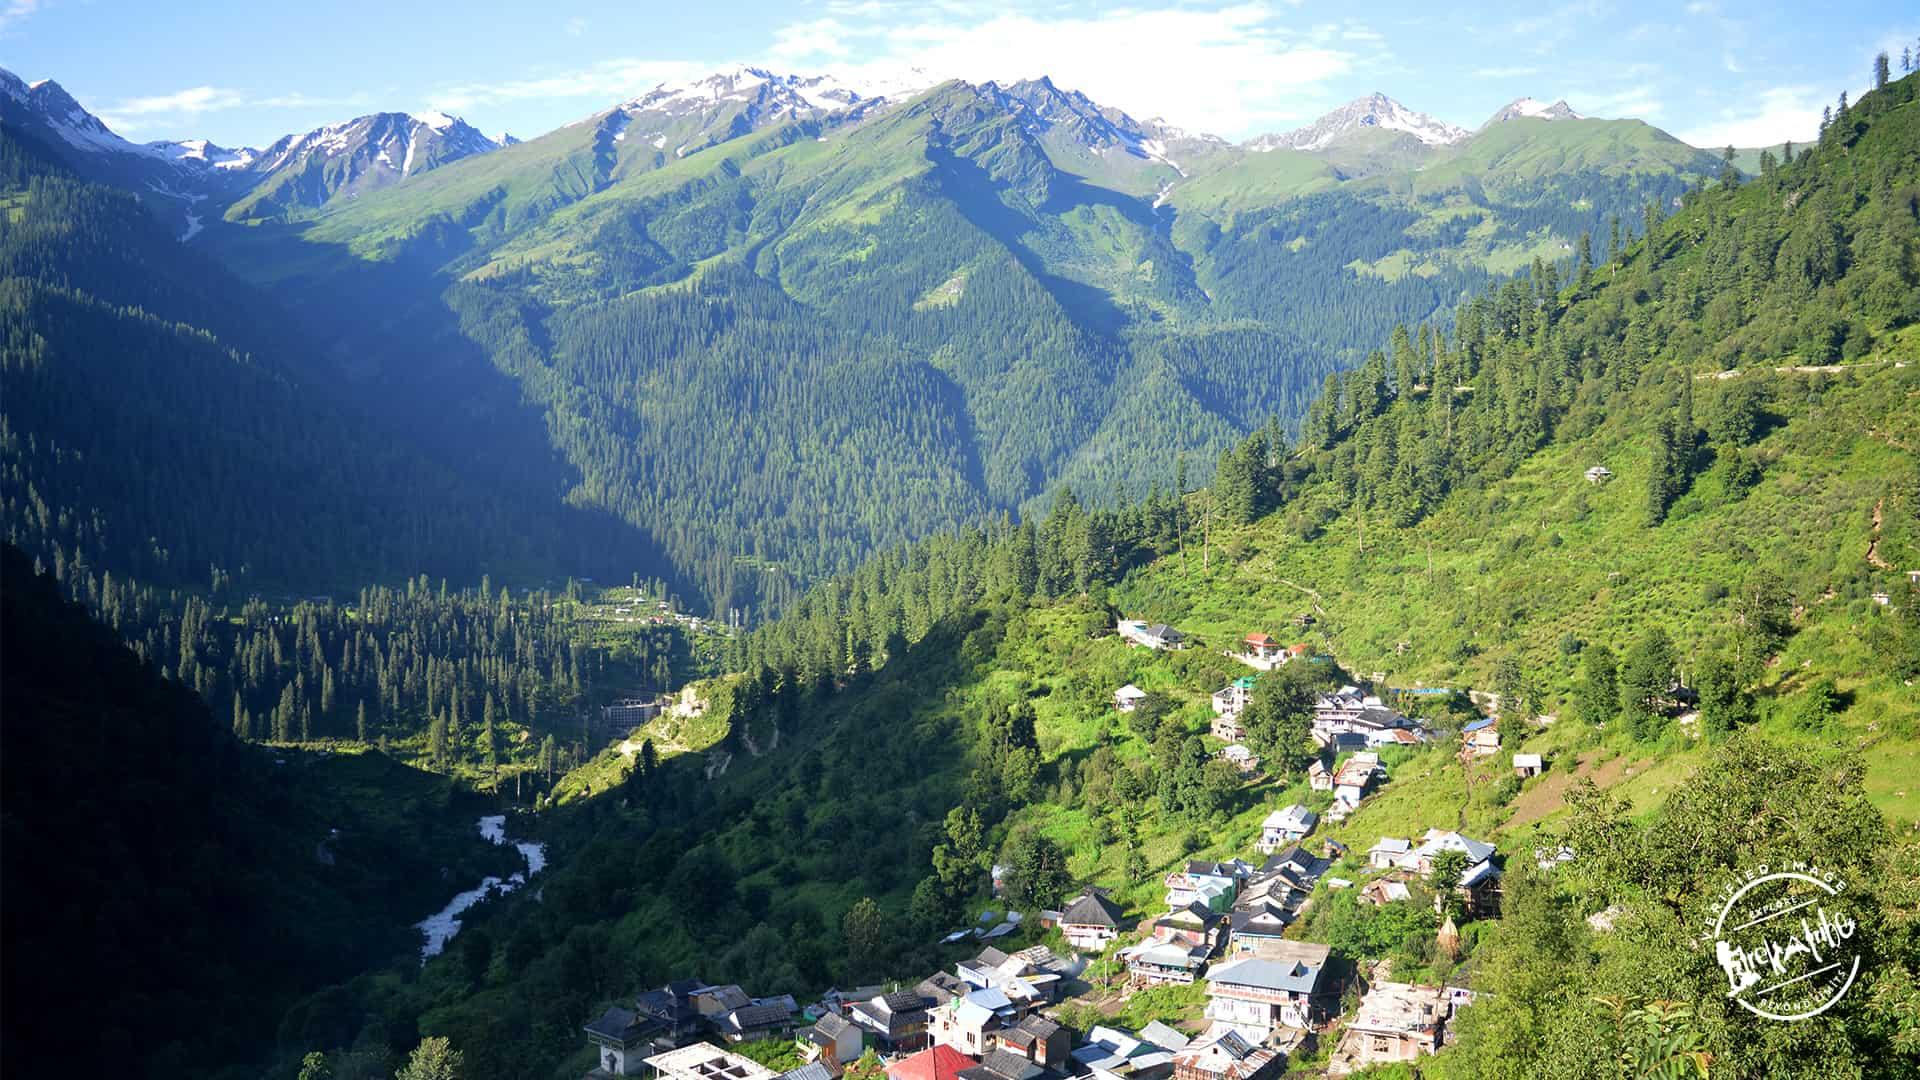 Parvatii valley wilderness - Tosh village